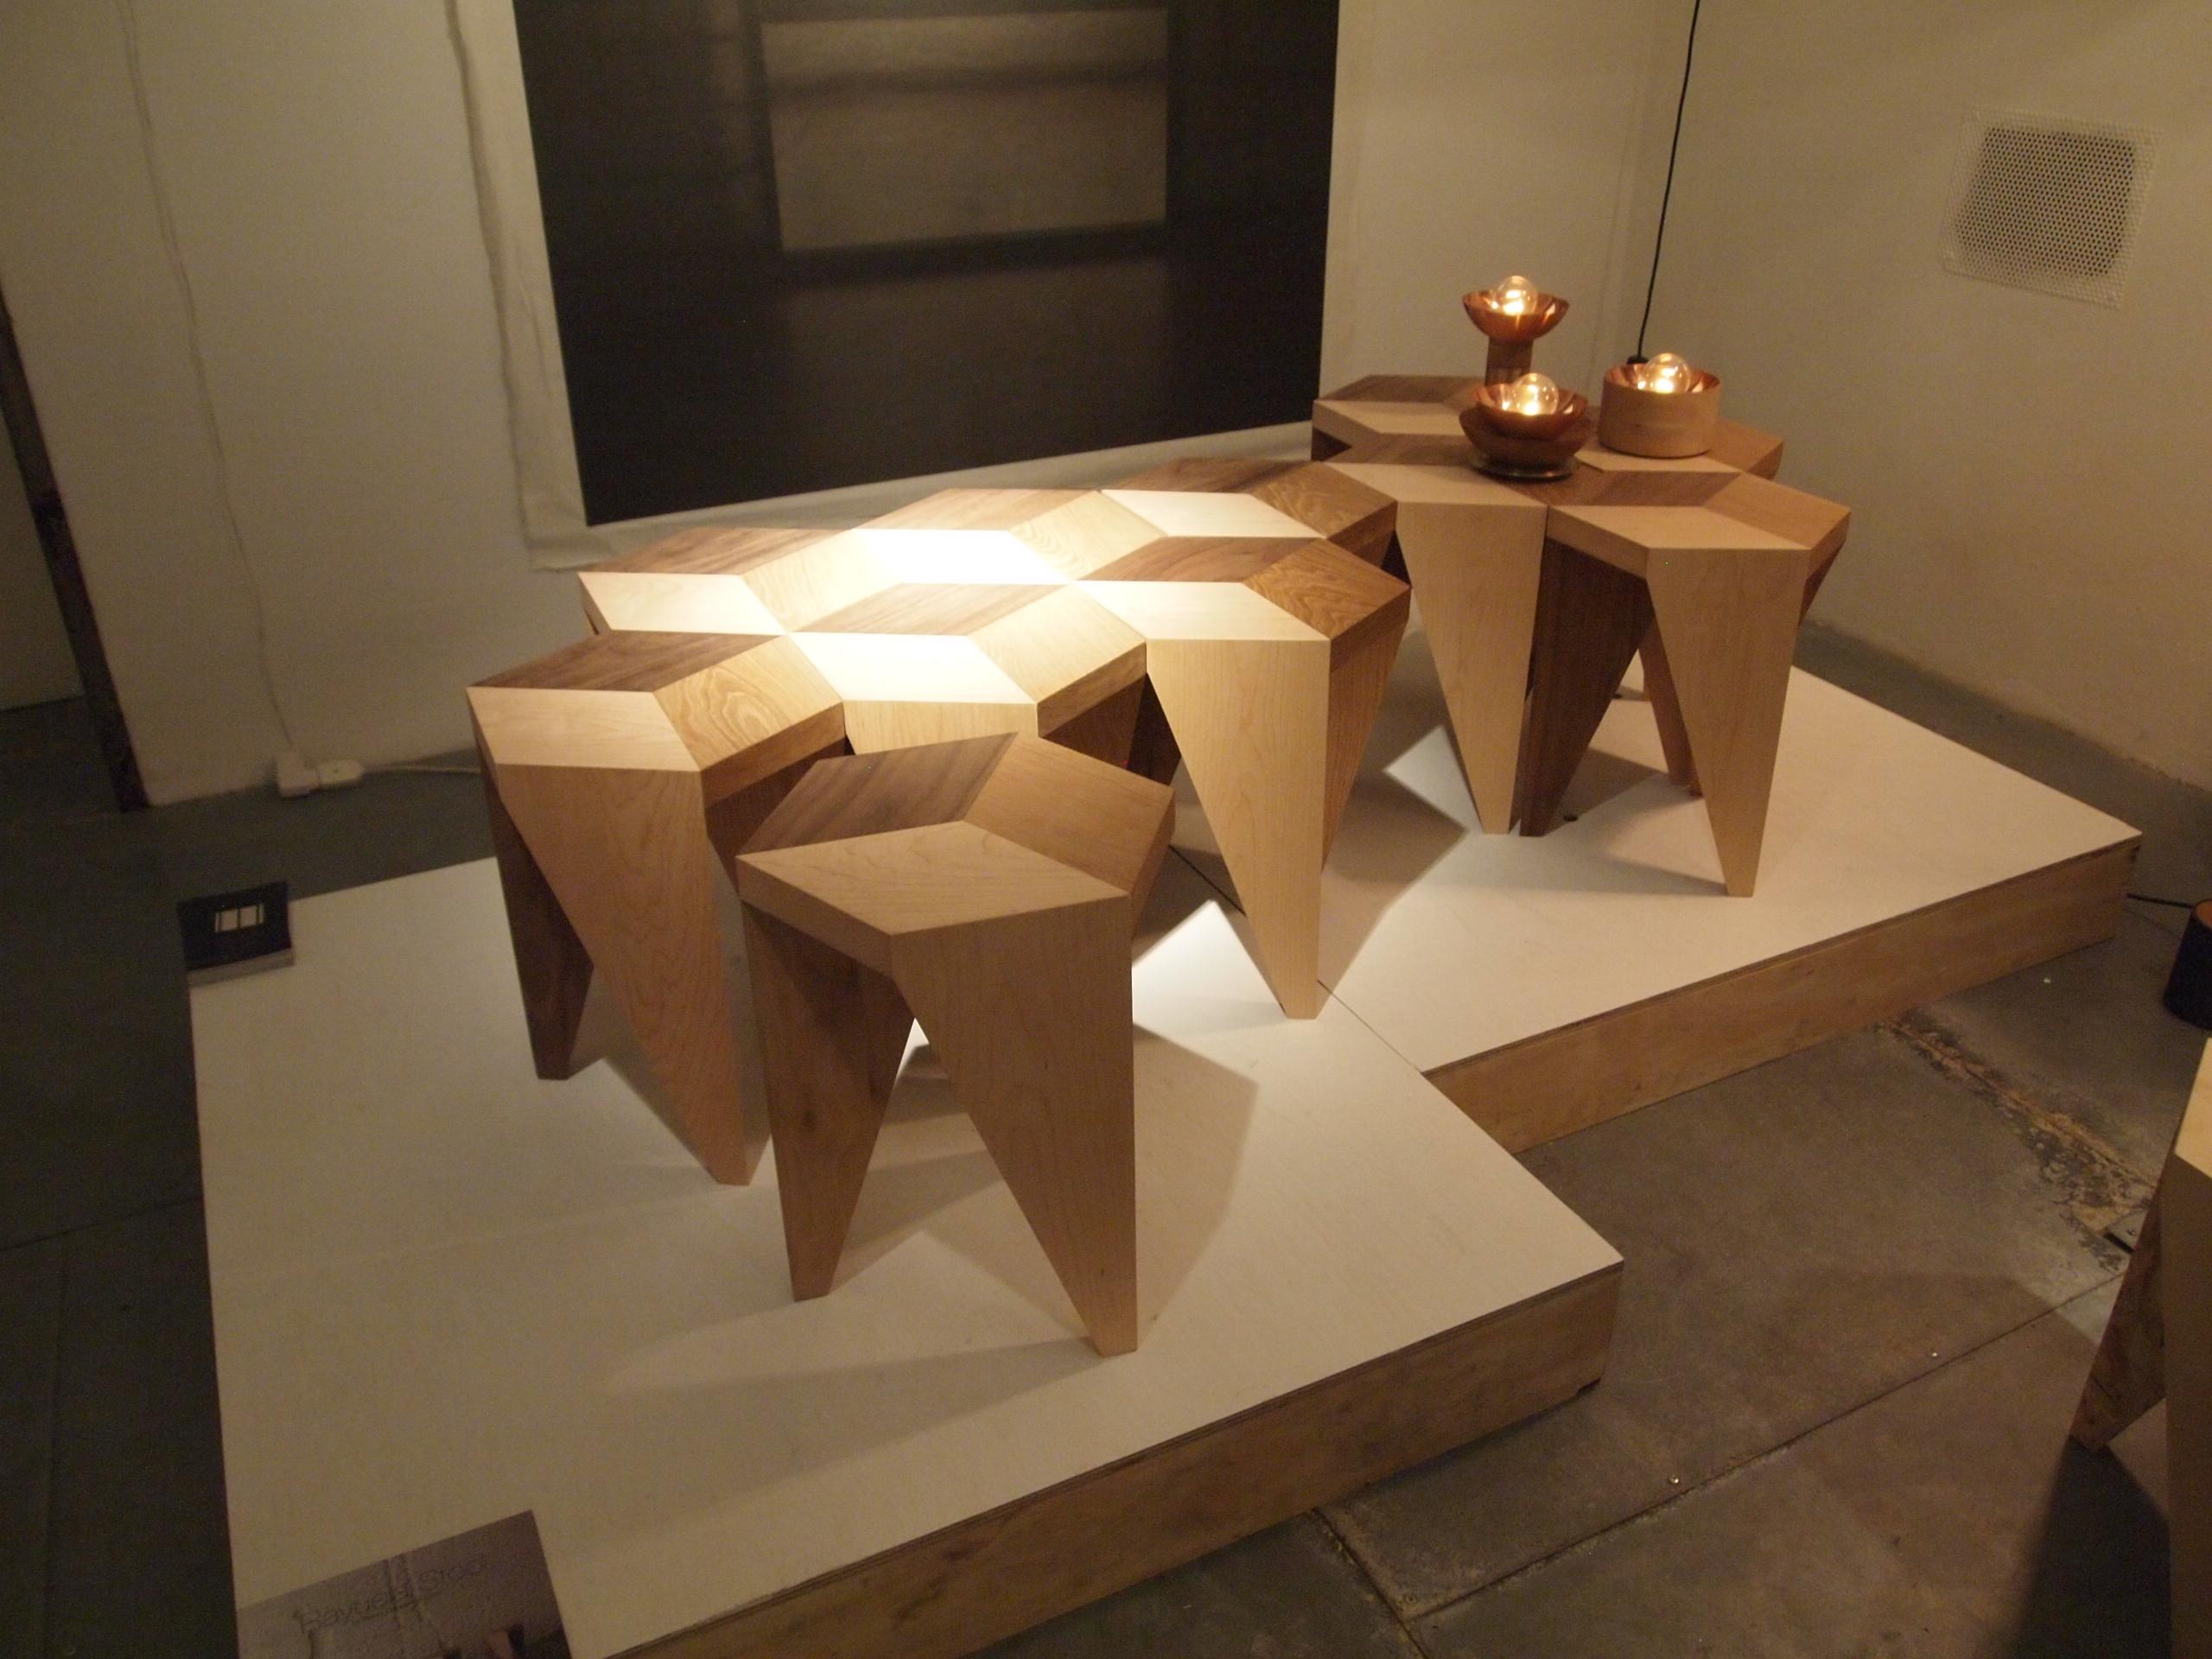 spanish designer alvaro catalan de ocon was showing at spazio